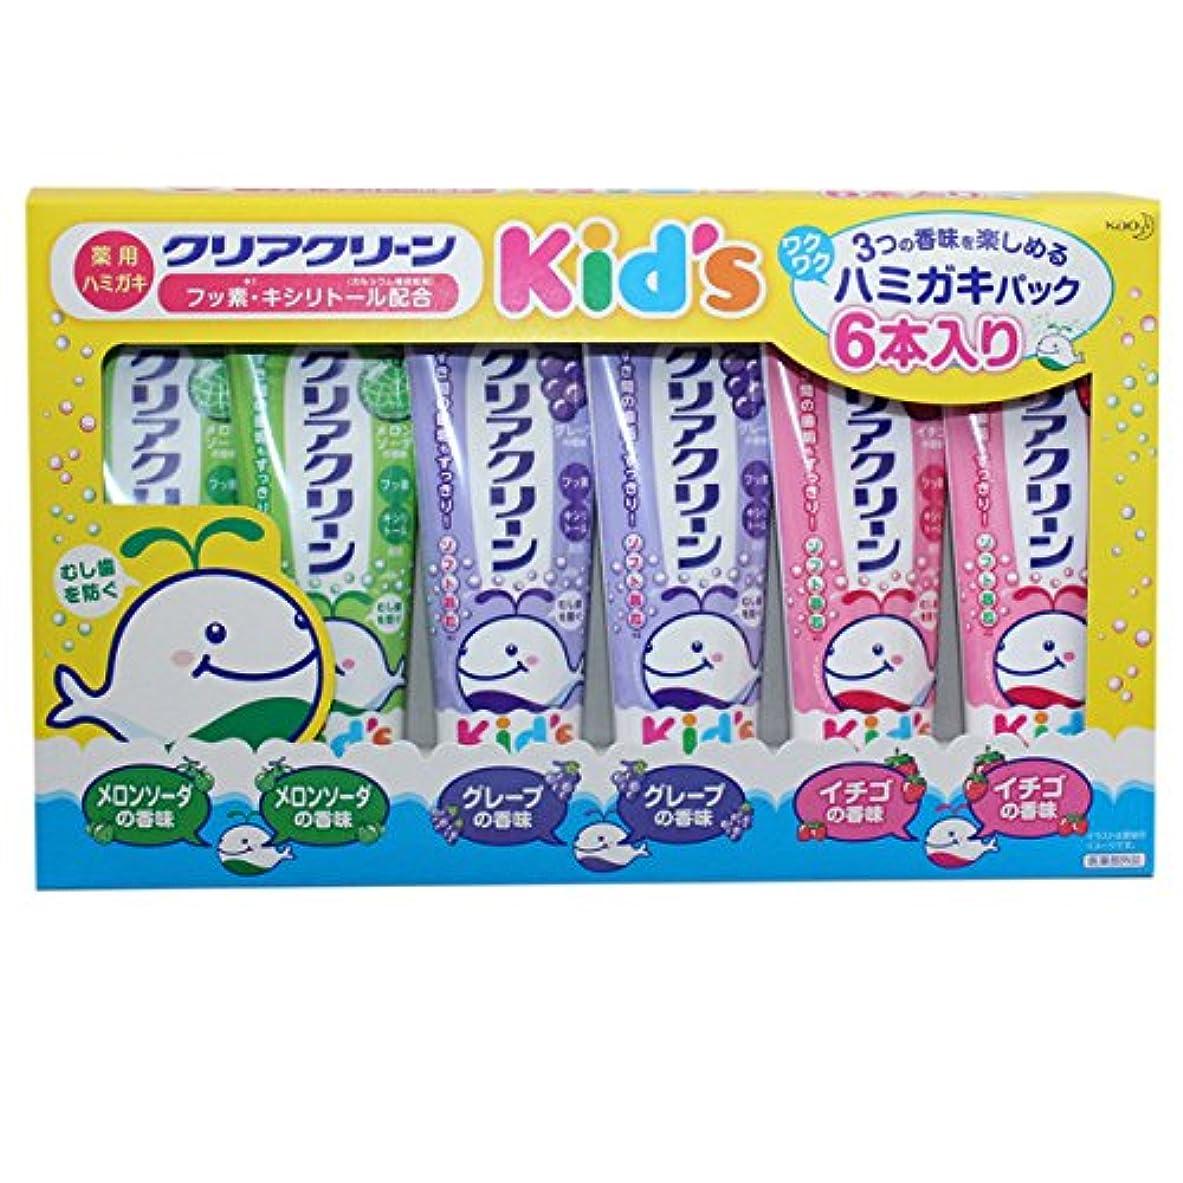 スリーブテレビを見る国旗クリアクリーン kids 70gx6本セット 3つの香味を楽しめる(メロンソーダ/グレープ/イチゴ) 子供用歯磨き粉